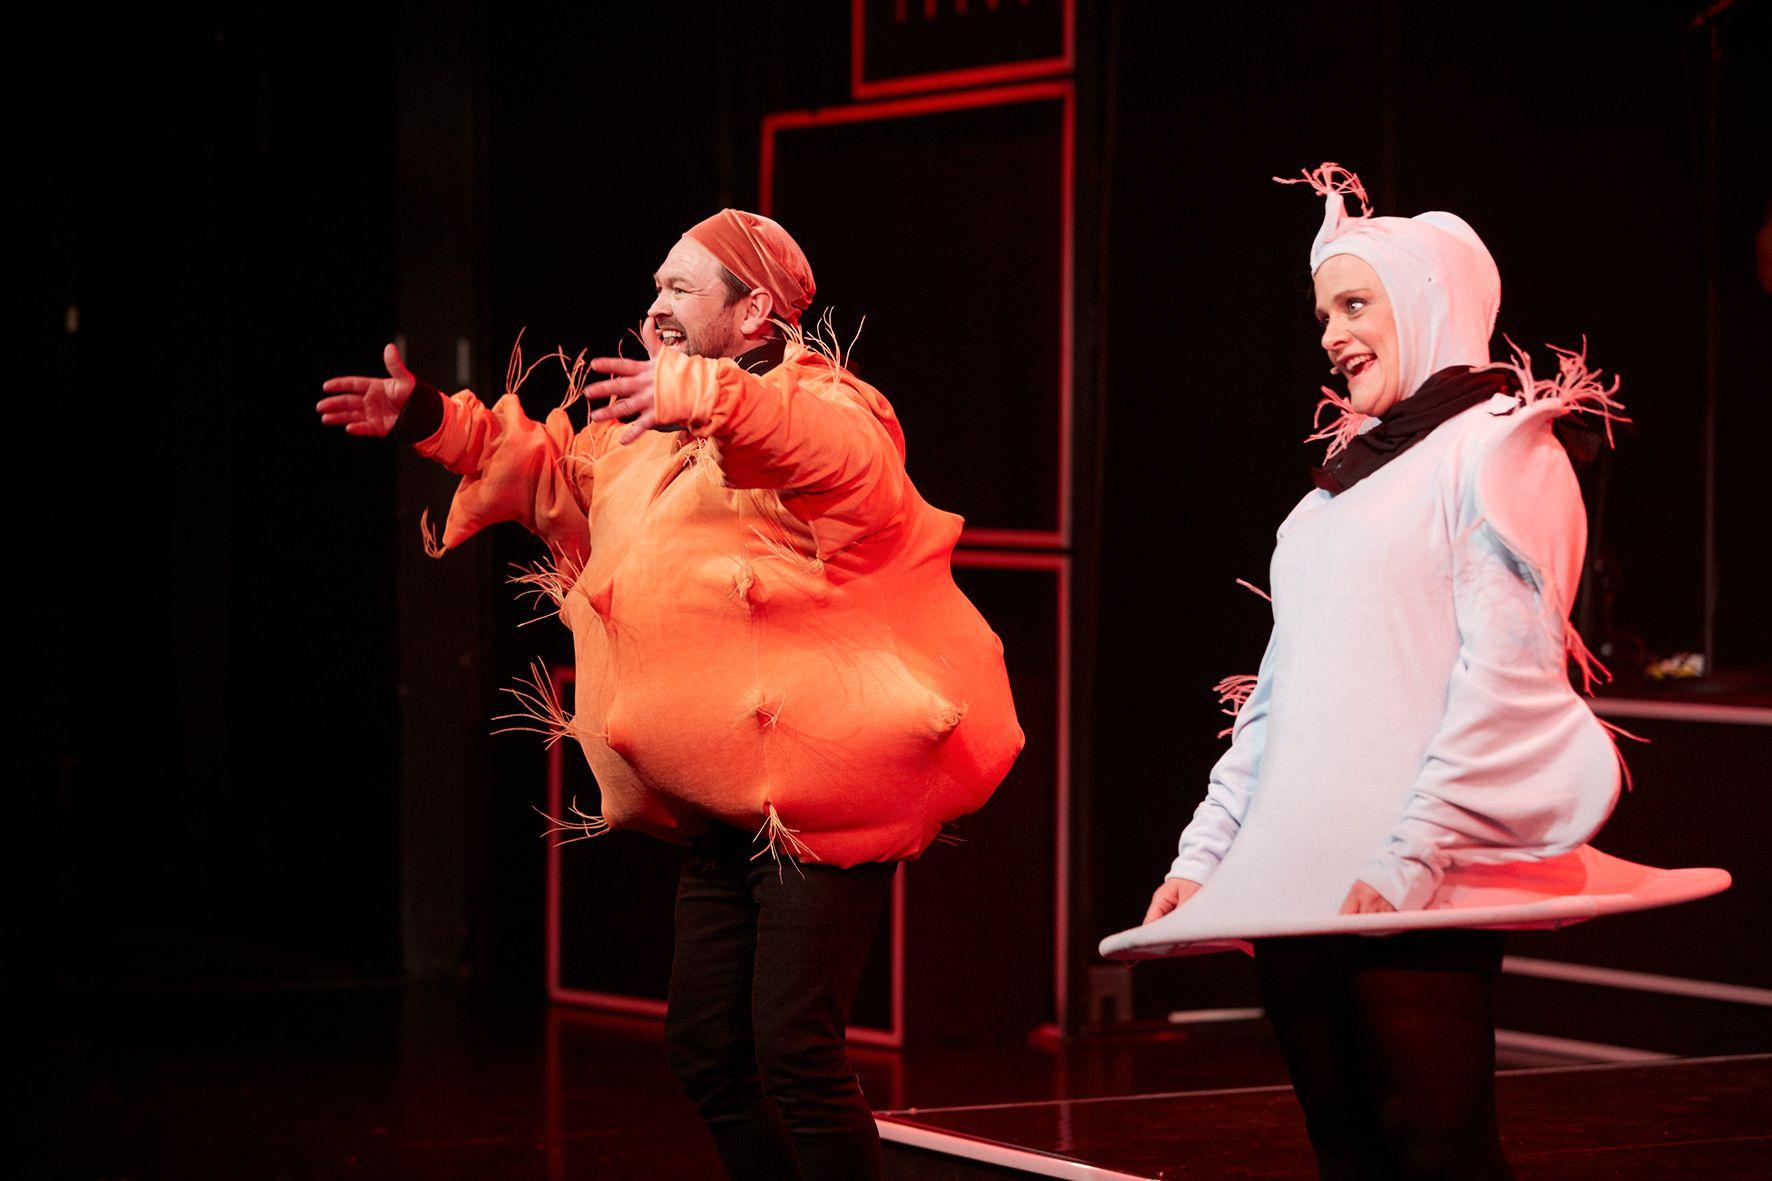 FETTFRI REVY: John Brungot og Henriette Steenstrup som «Gluten» og «Laktose» i «Åpen forhold» på Chat Noir. FOTO: Jarle Nyttingnes / Over Norge